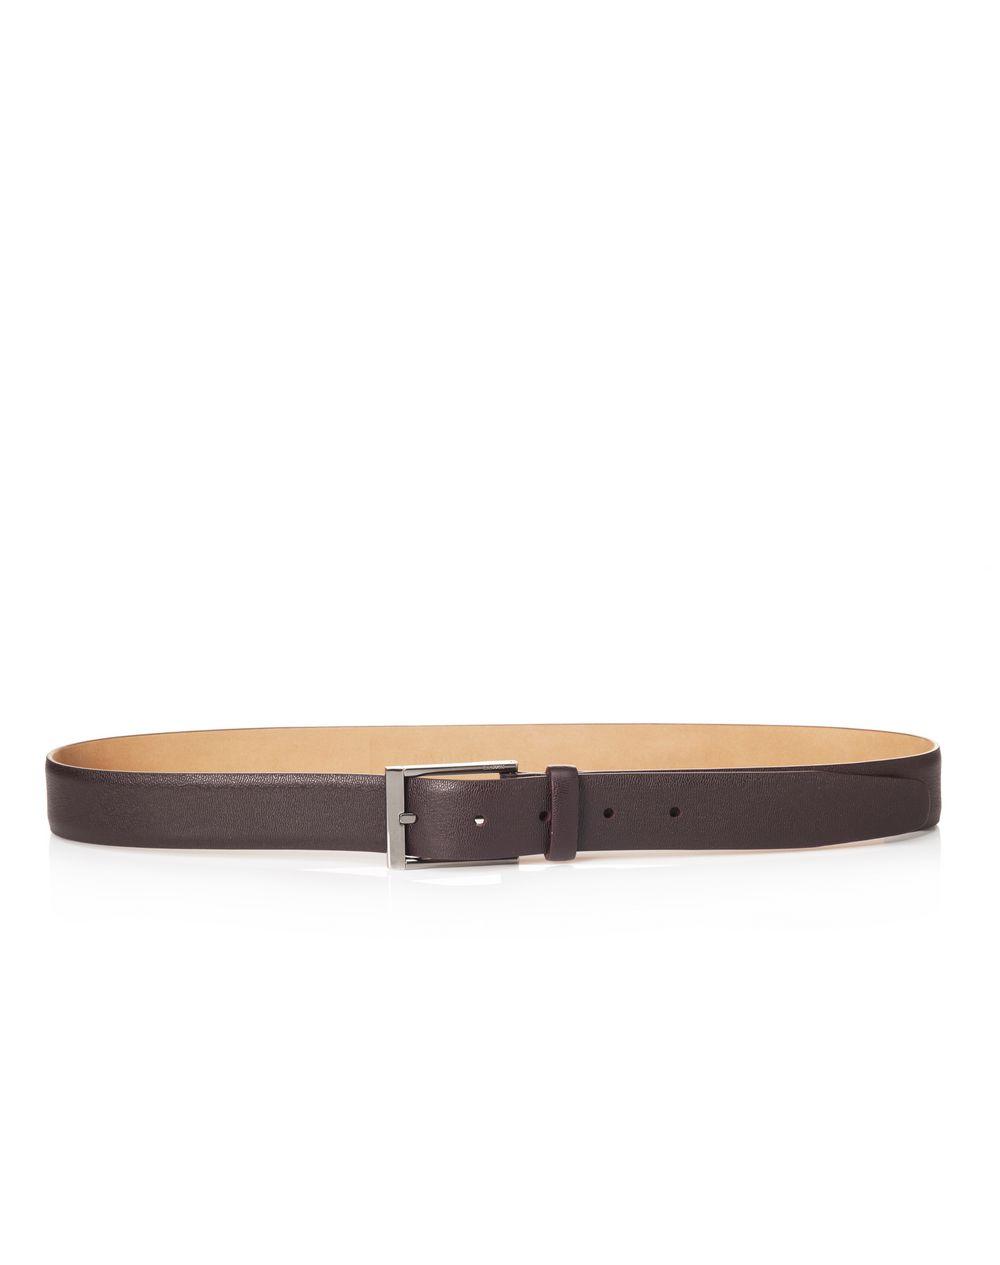 Cintura 3cm in pelle di vitello pieno fiore lucida - Lanvin